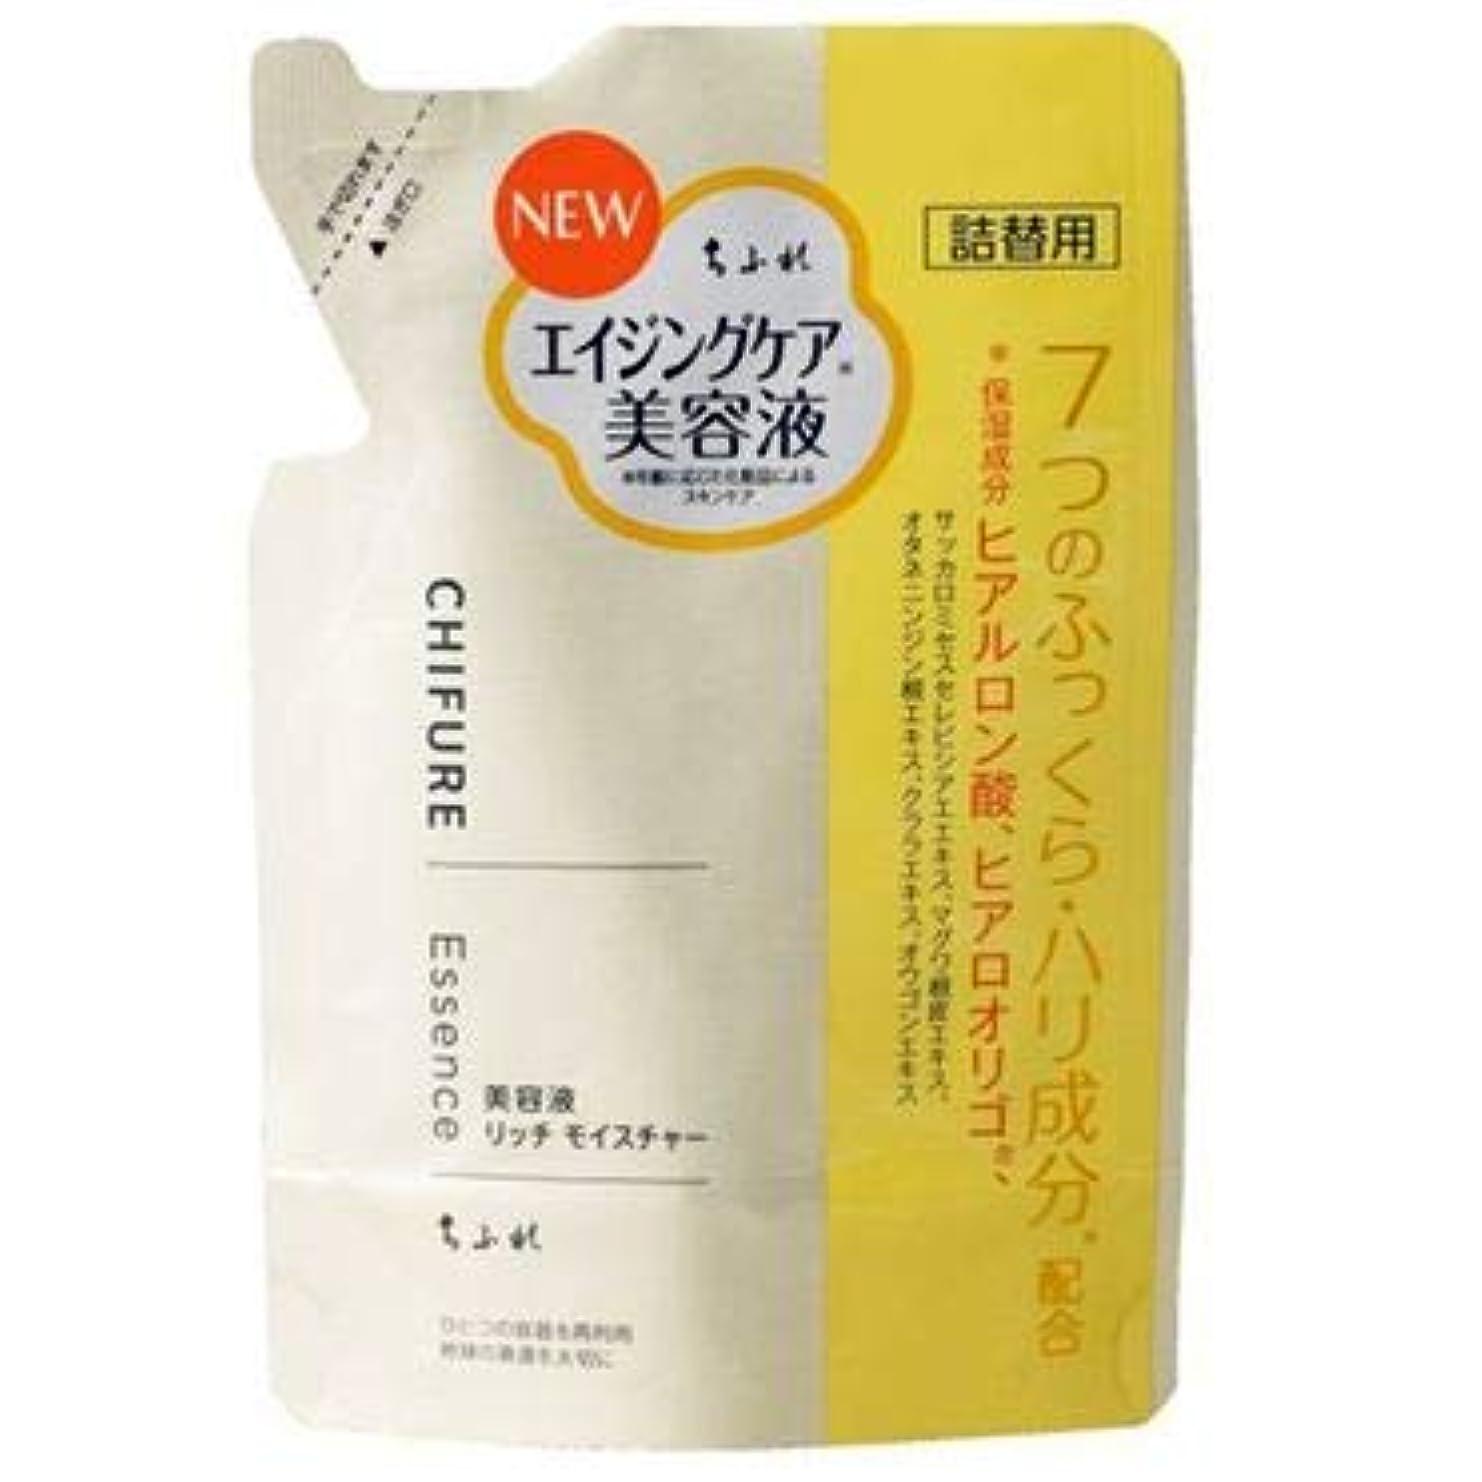 ちふれ化粧品 美容液 リッチモイスチャータイプ 30g (詰替)